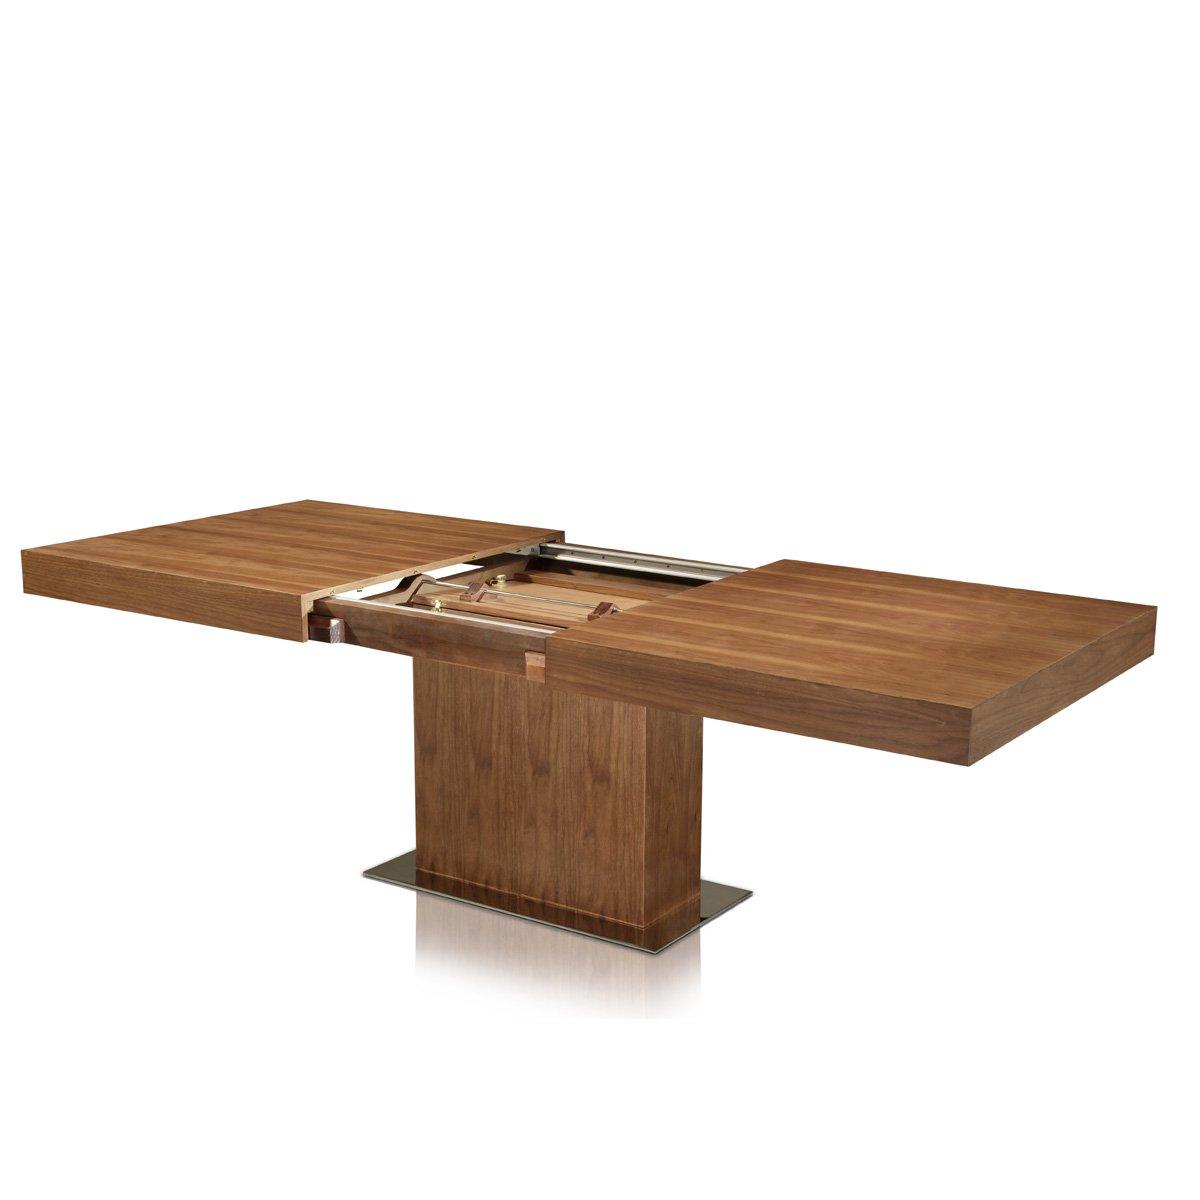 modloft astor extendable dining table - md520 ZYYOWDI